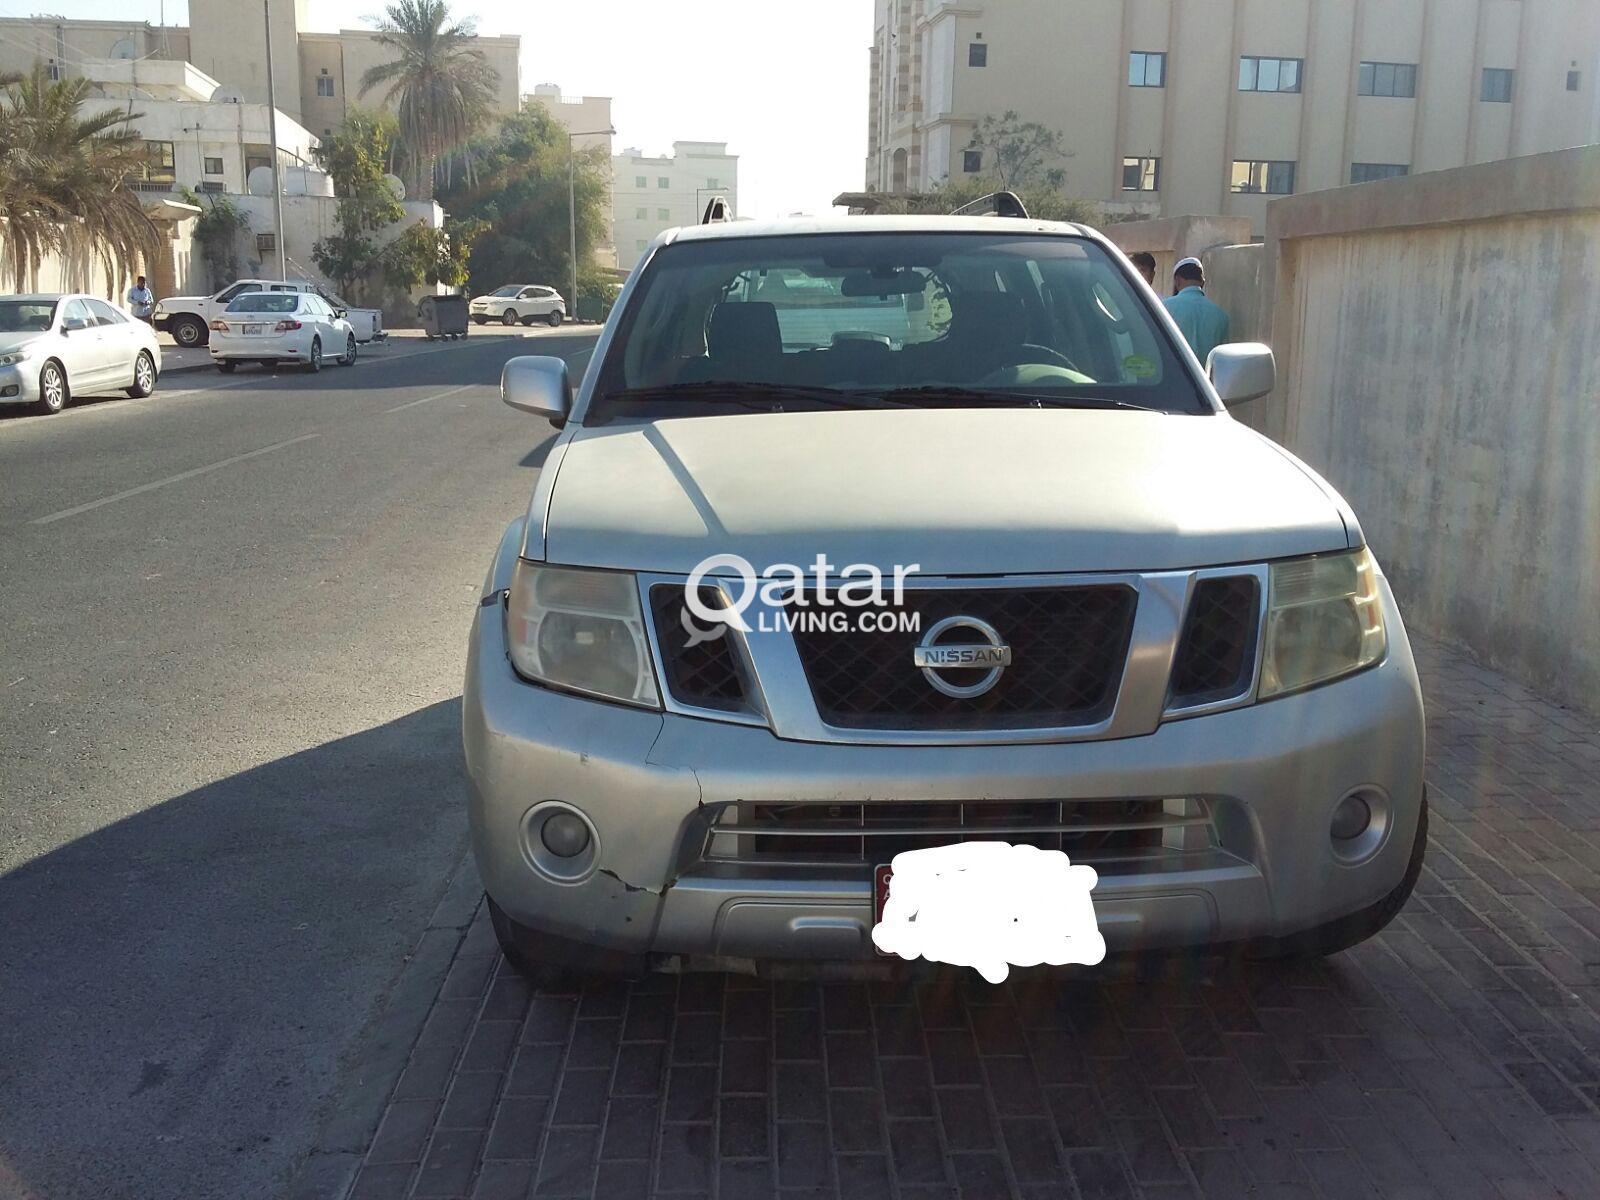 ezmzn nissan samoa listings id post full used cars pathfinder